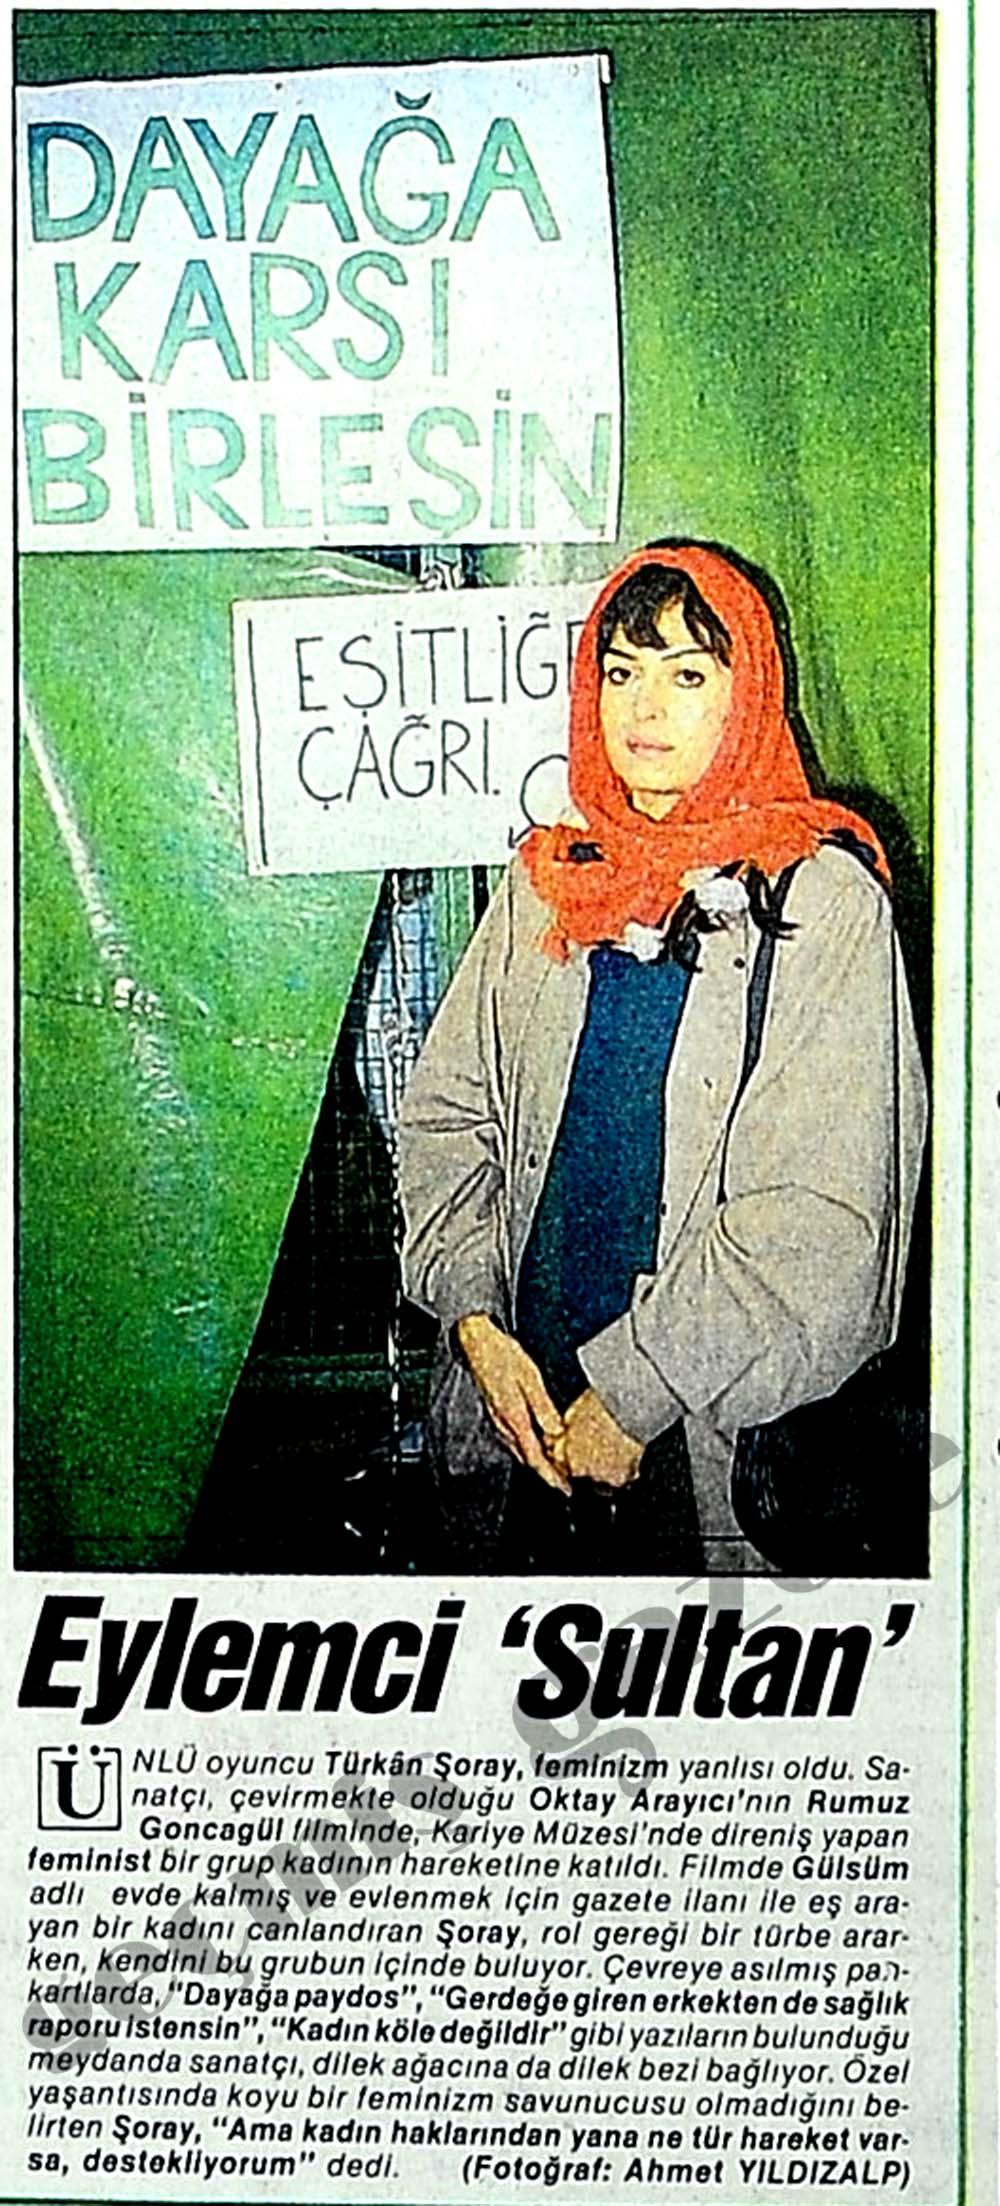 Eylemci 'Sultan'